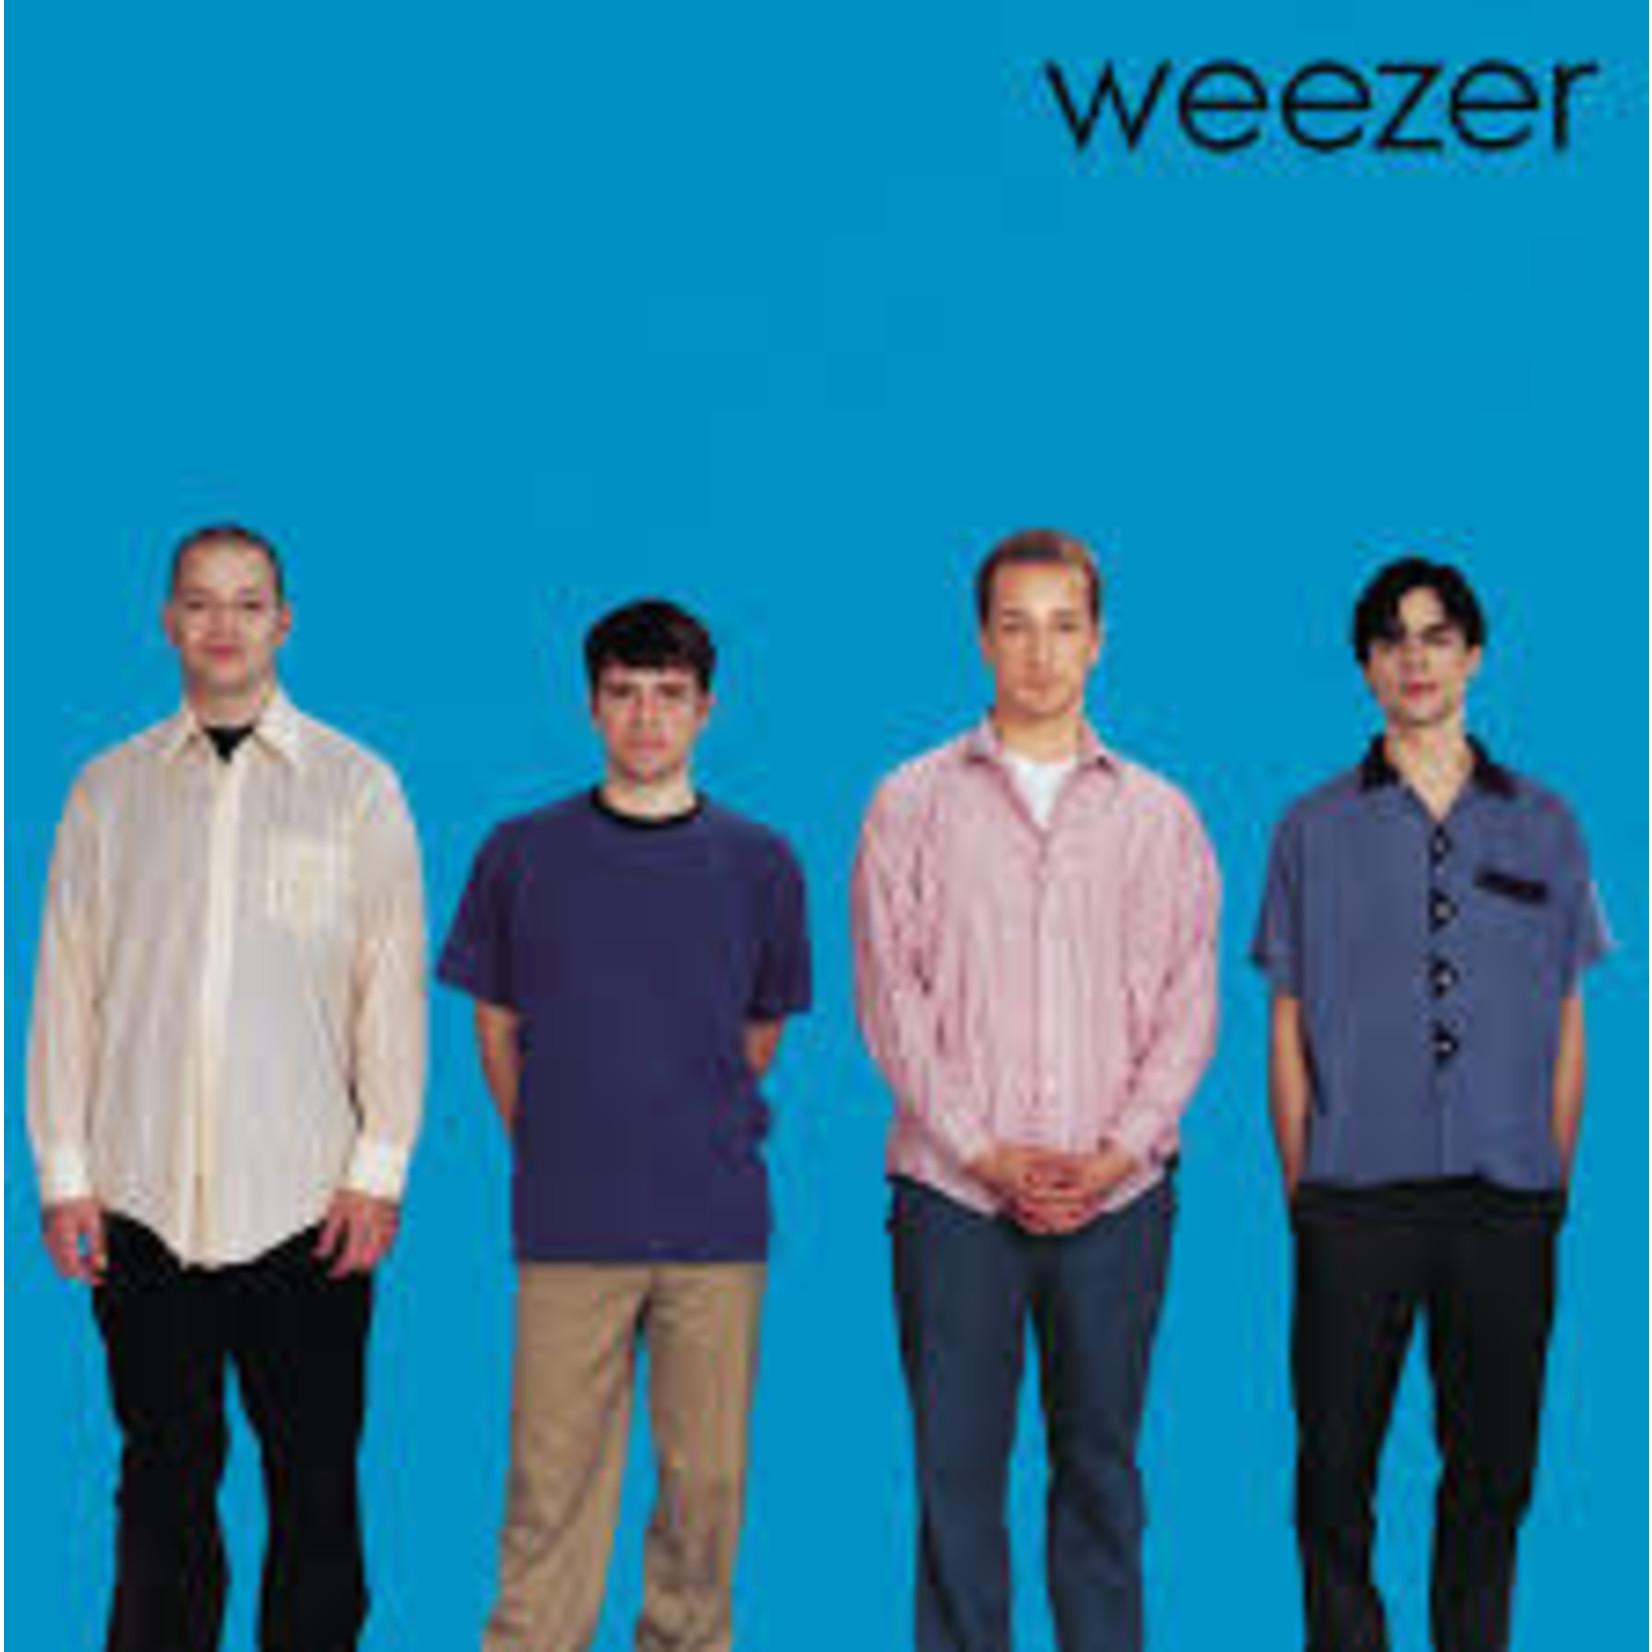 Vinyl Weezer - Blue